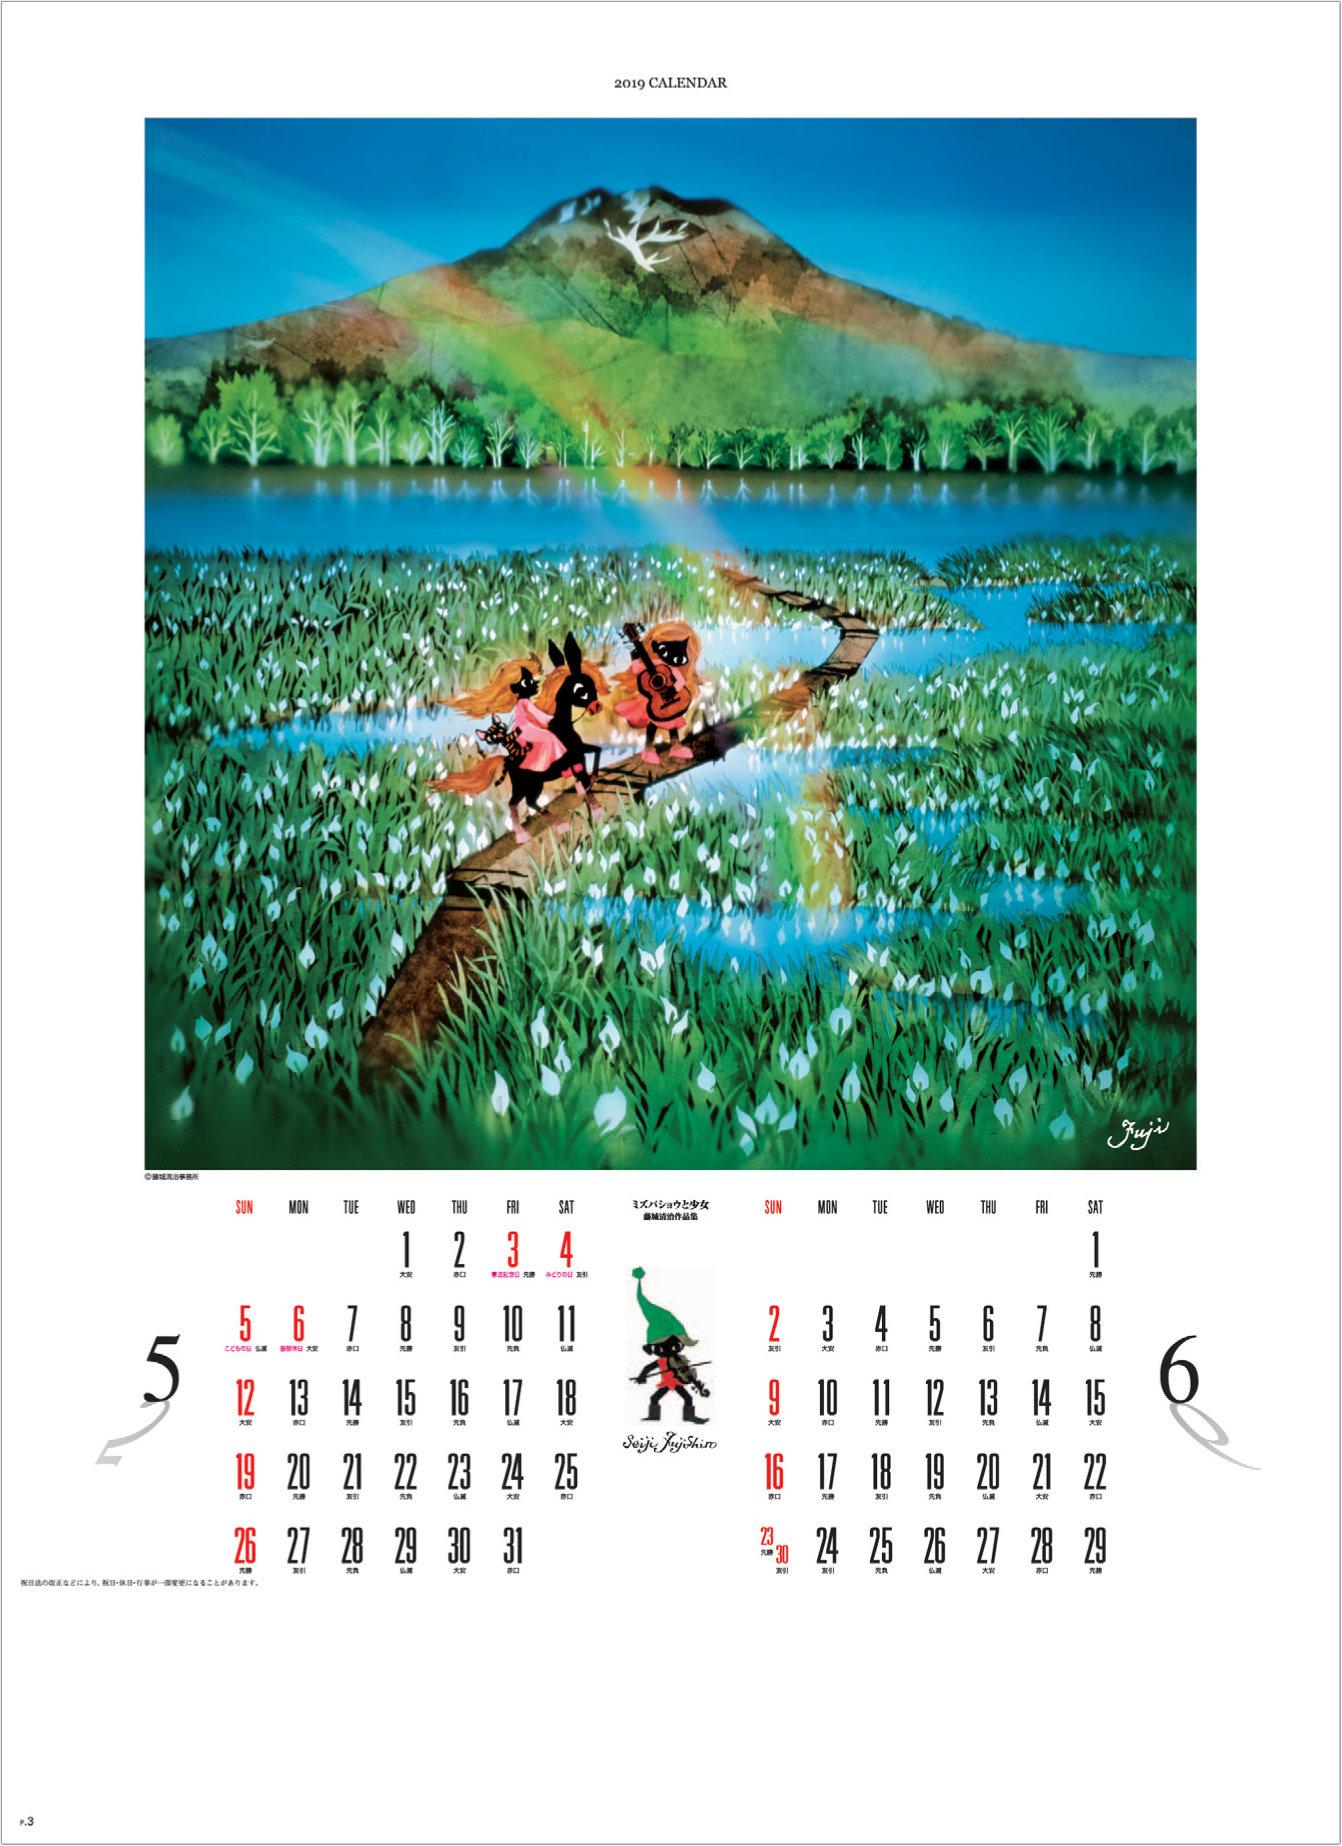 画像:藤城清治作品「ミズバショウと少女」 遠い日の風景から(影絵)  藤城清治 2019年カレンダー